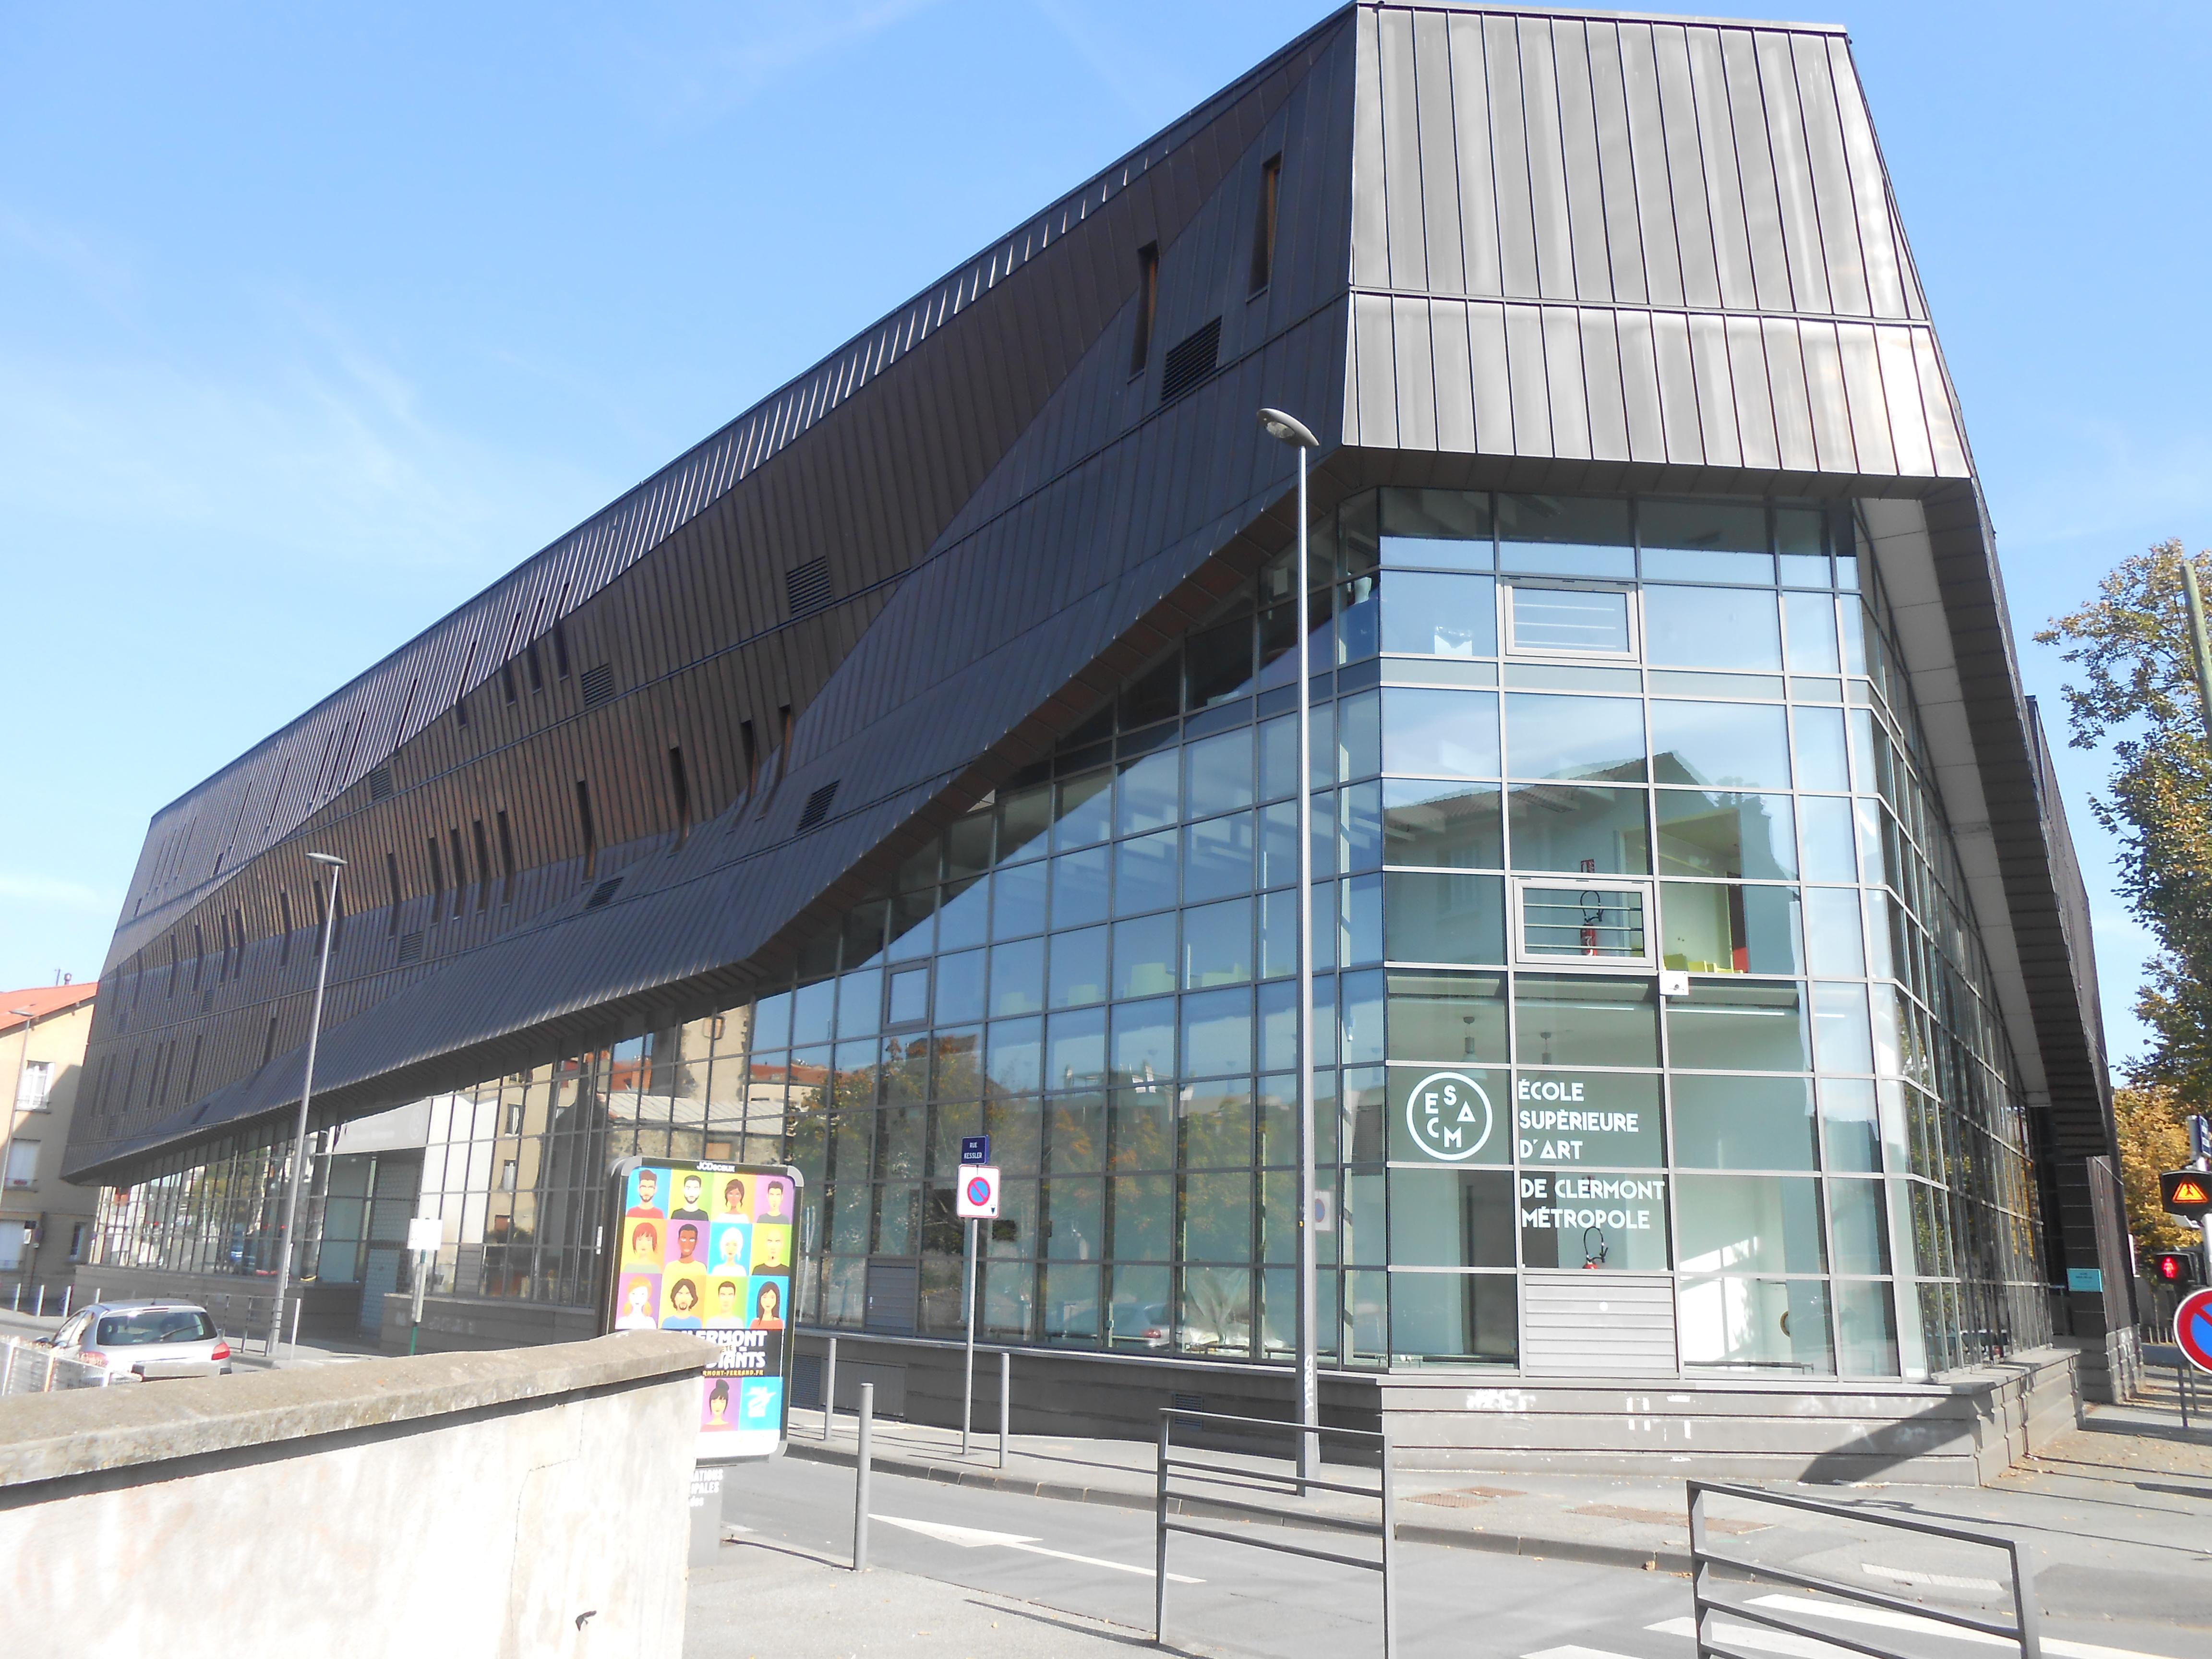 École D Architecture Clermont file:ecole des beaux-arts de clermont-ferrand